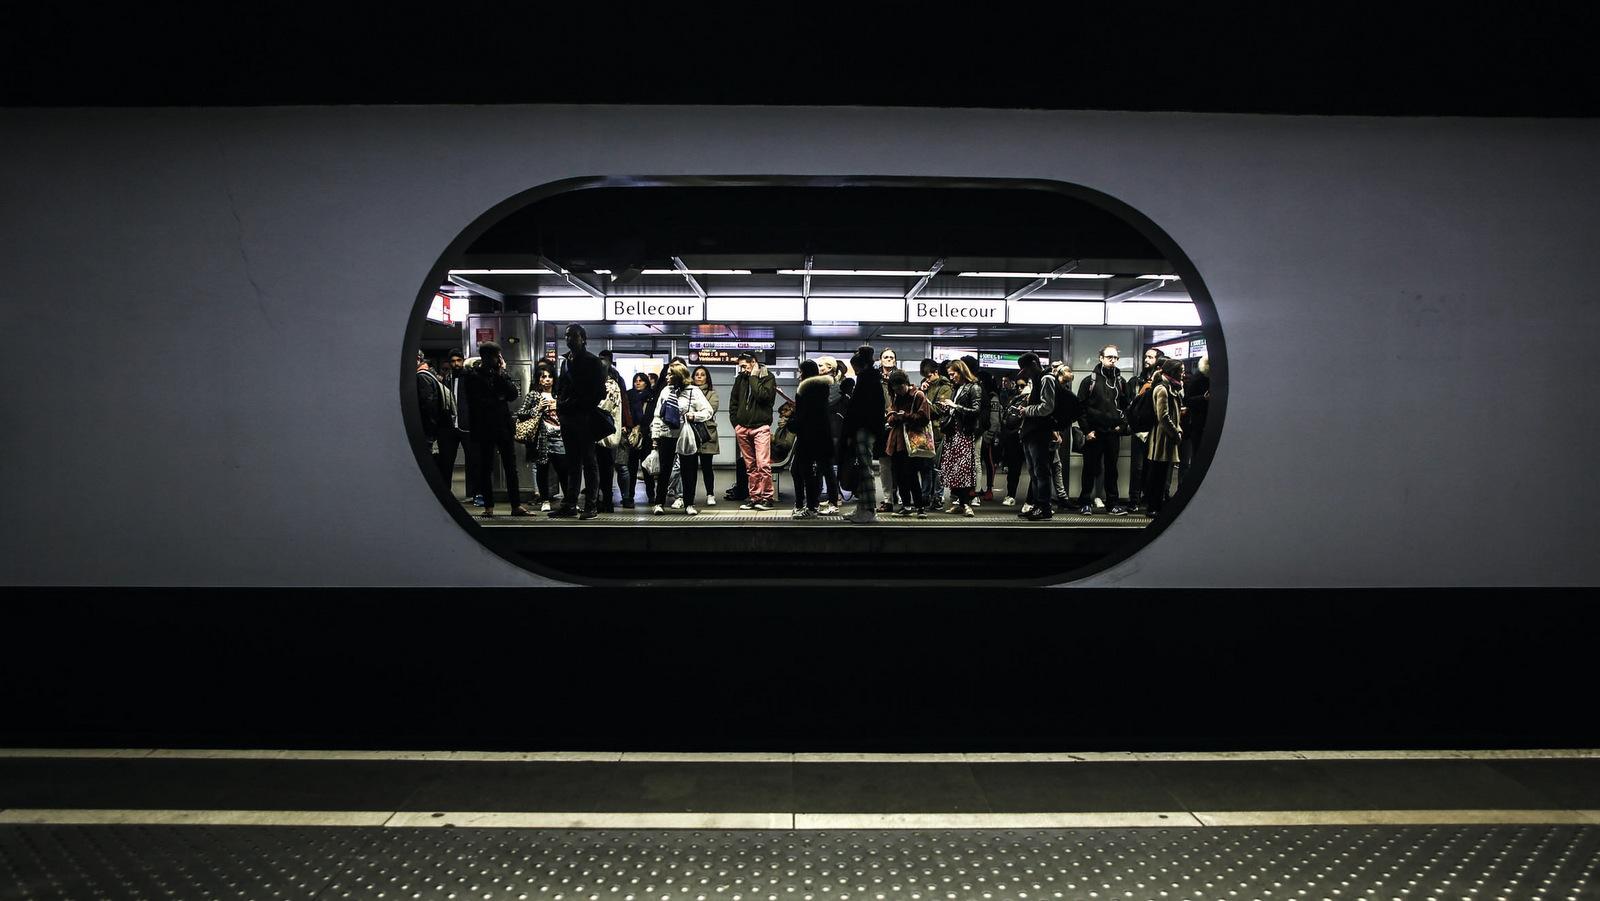 Lutter contre l'insécurité et renforcement des caméras de protection dans les villes en France